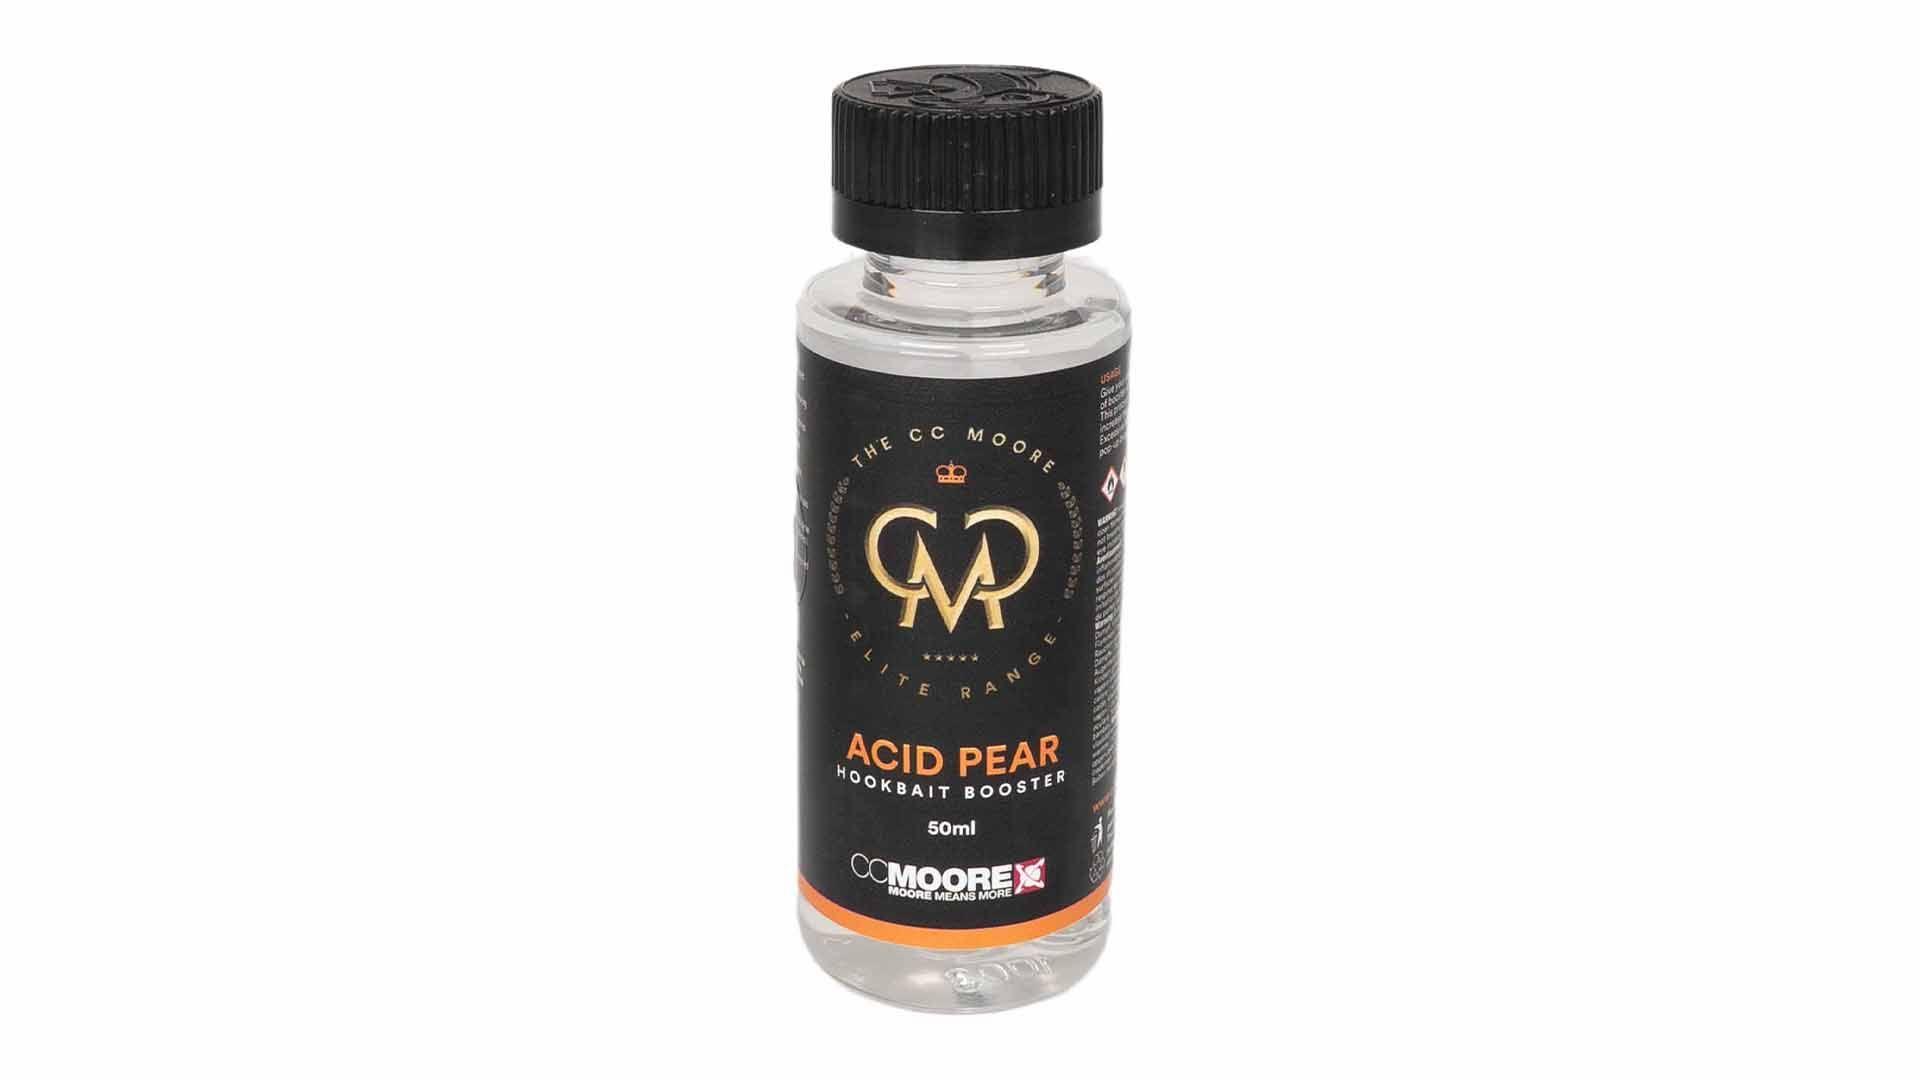 CC Moore plovoucí boilie - Elite Acid Pear hookbait booster 50ml